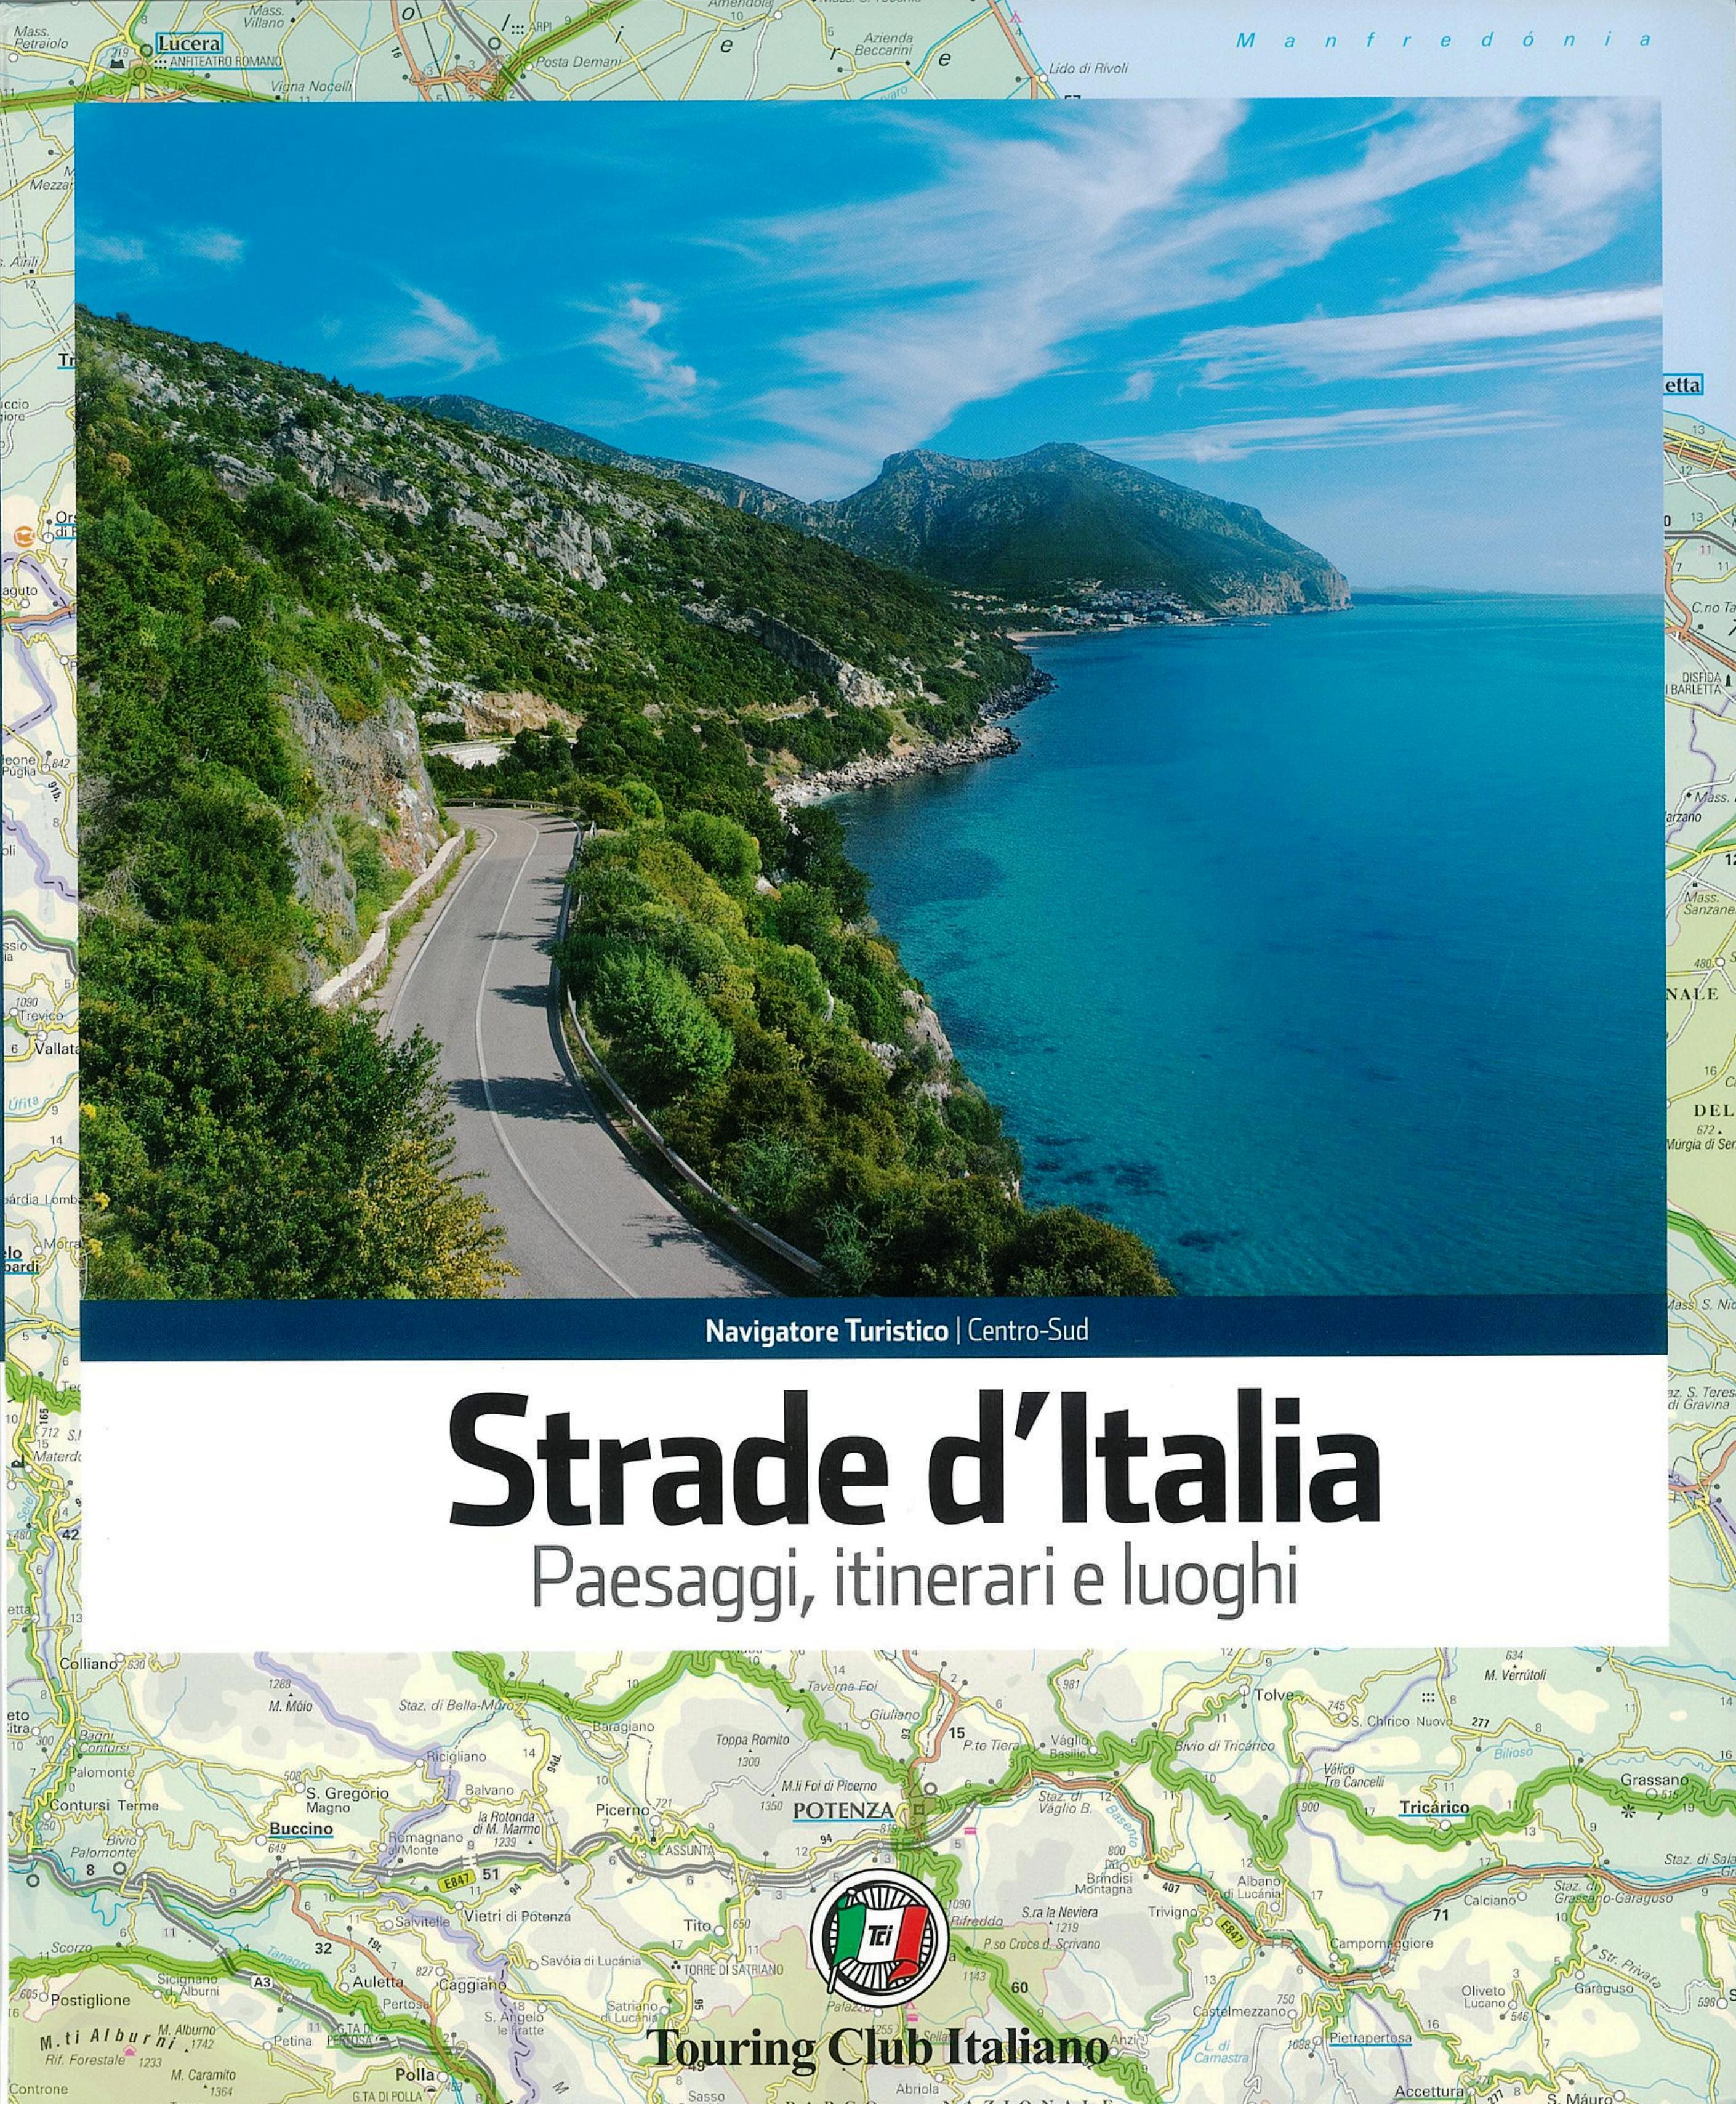 Paesaggi Itinerari e Luoghi Strade d'Italia